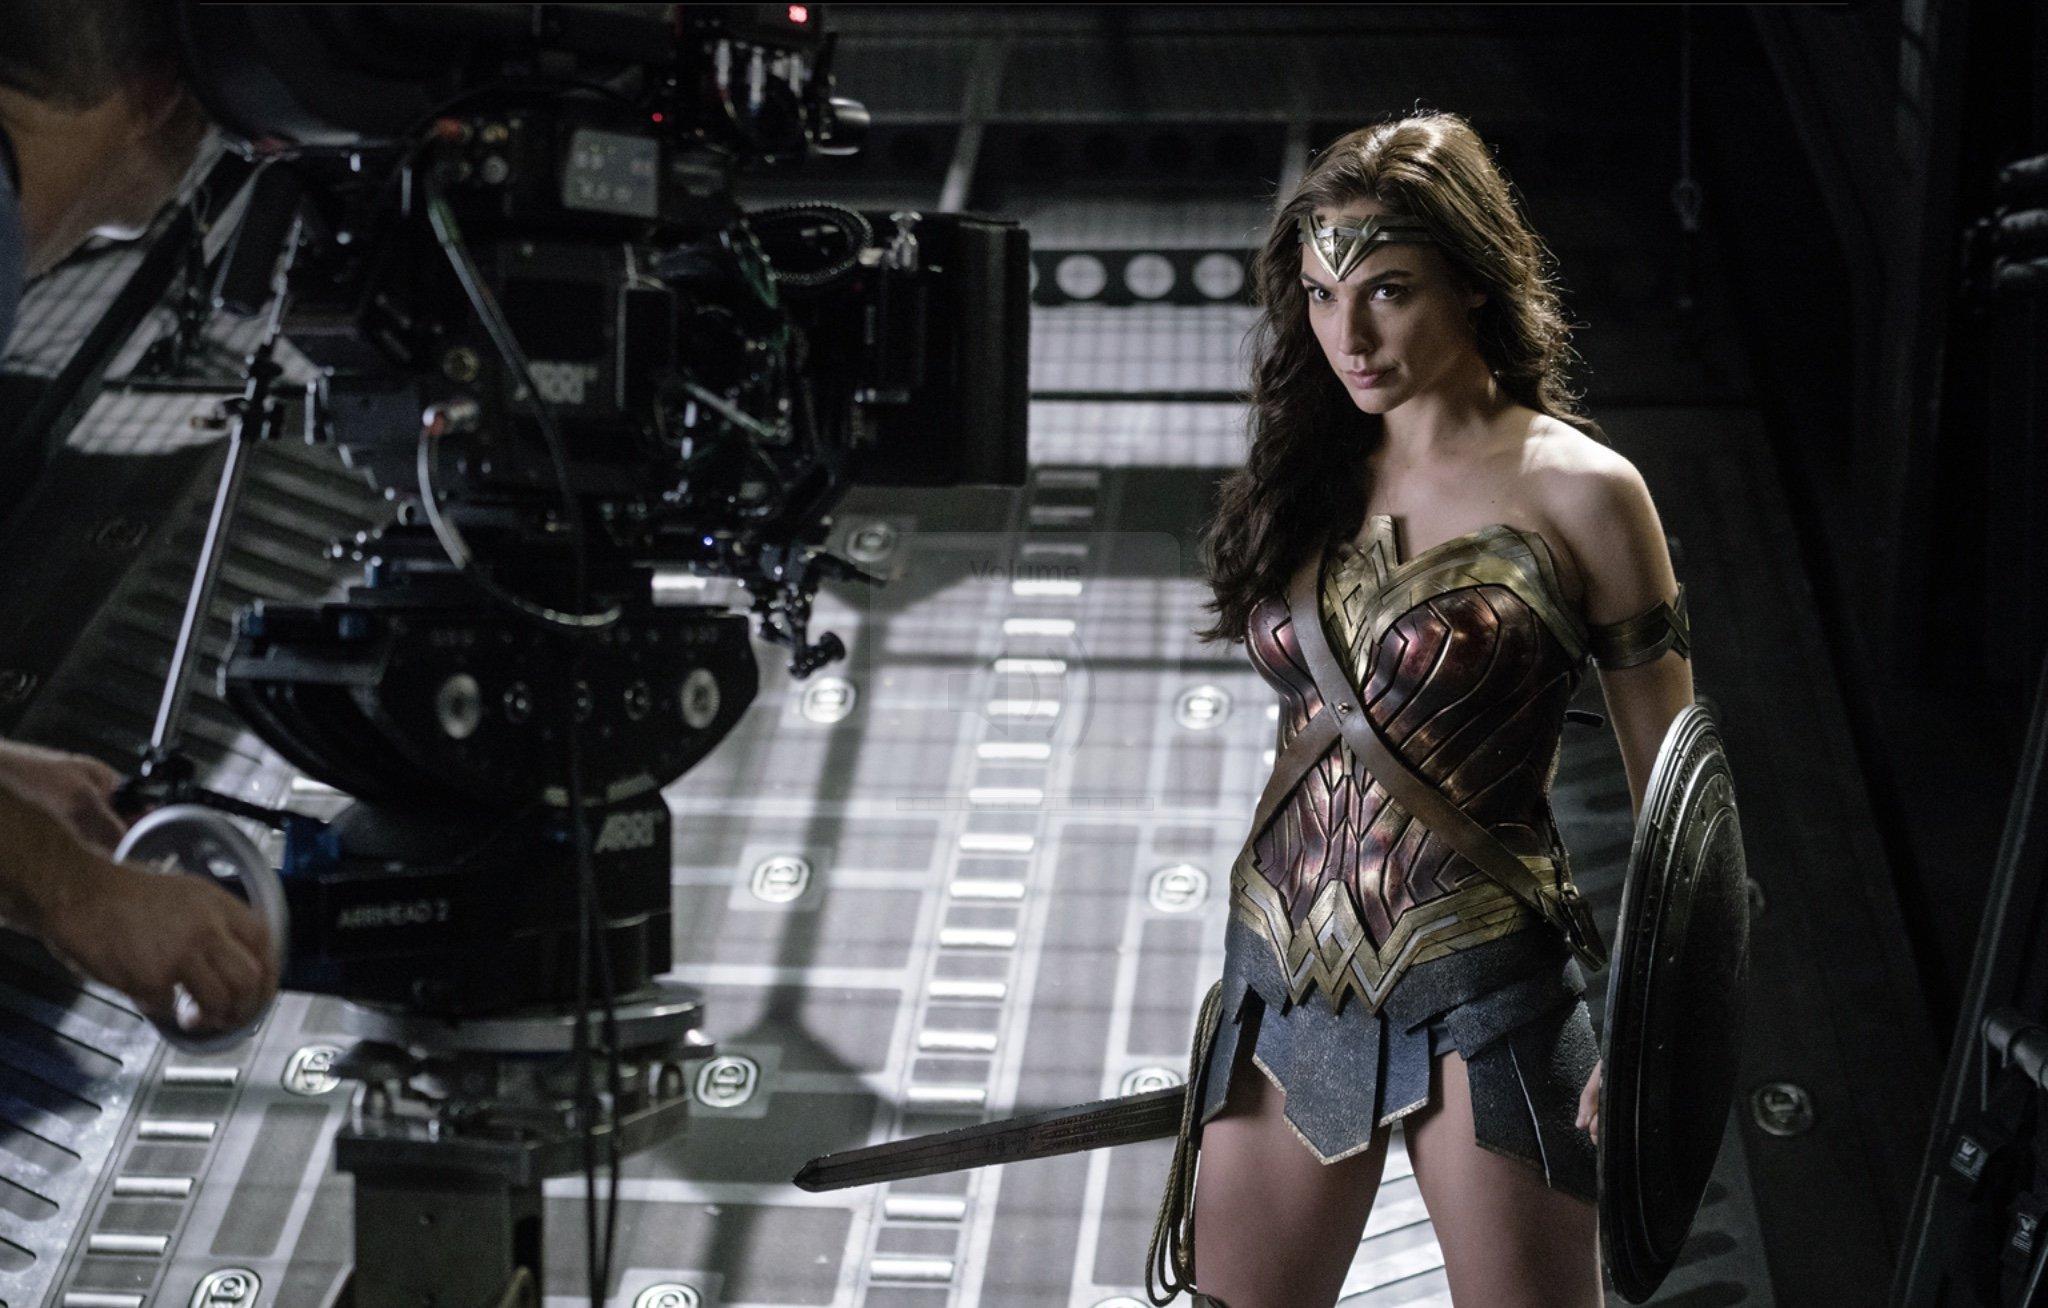 Wonder Woman Justice League 4k Fan Art Hd Movies 4k: Wonder Woman Justice League Hd, HD Movies, 4k Wallpapers